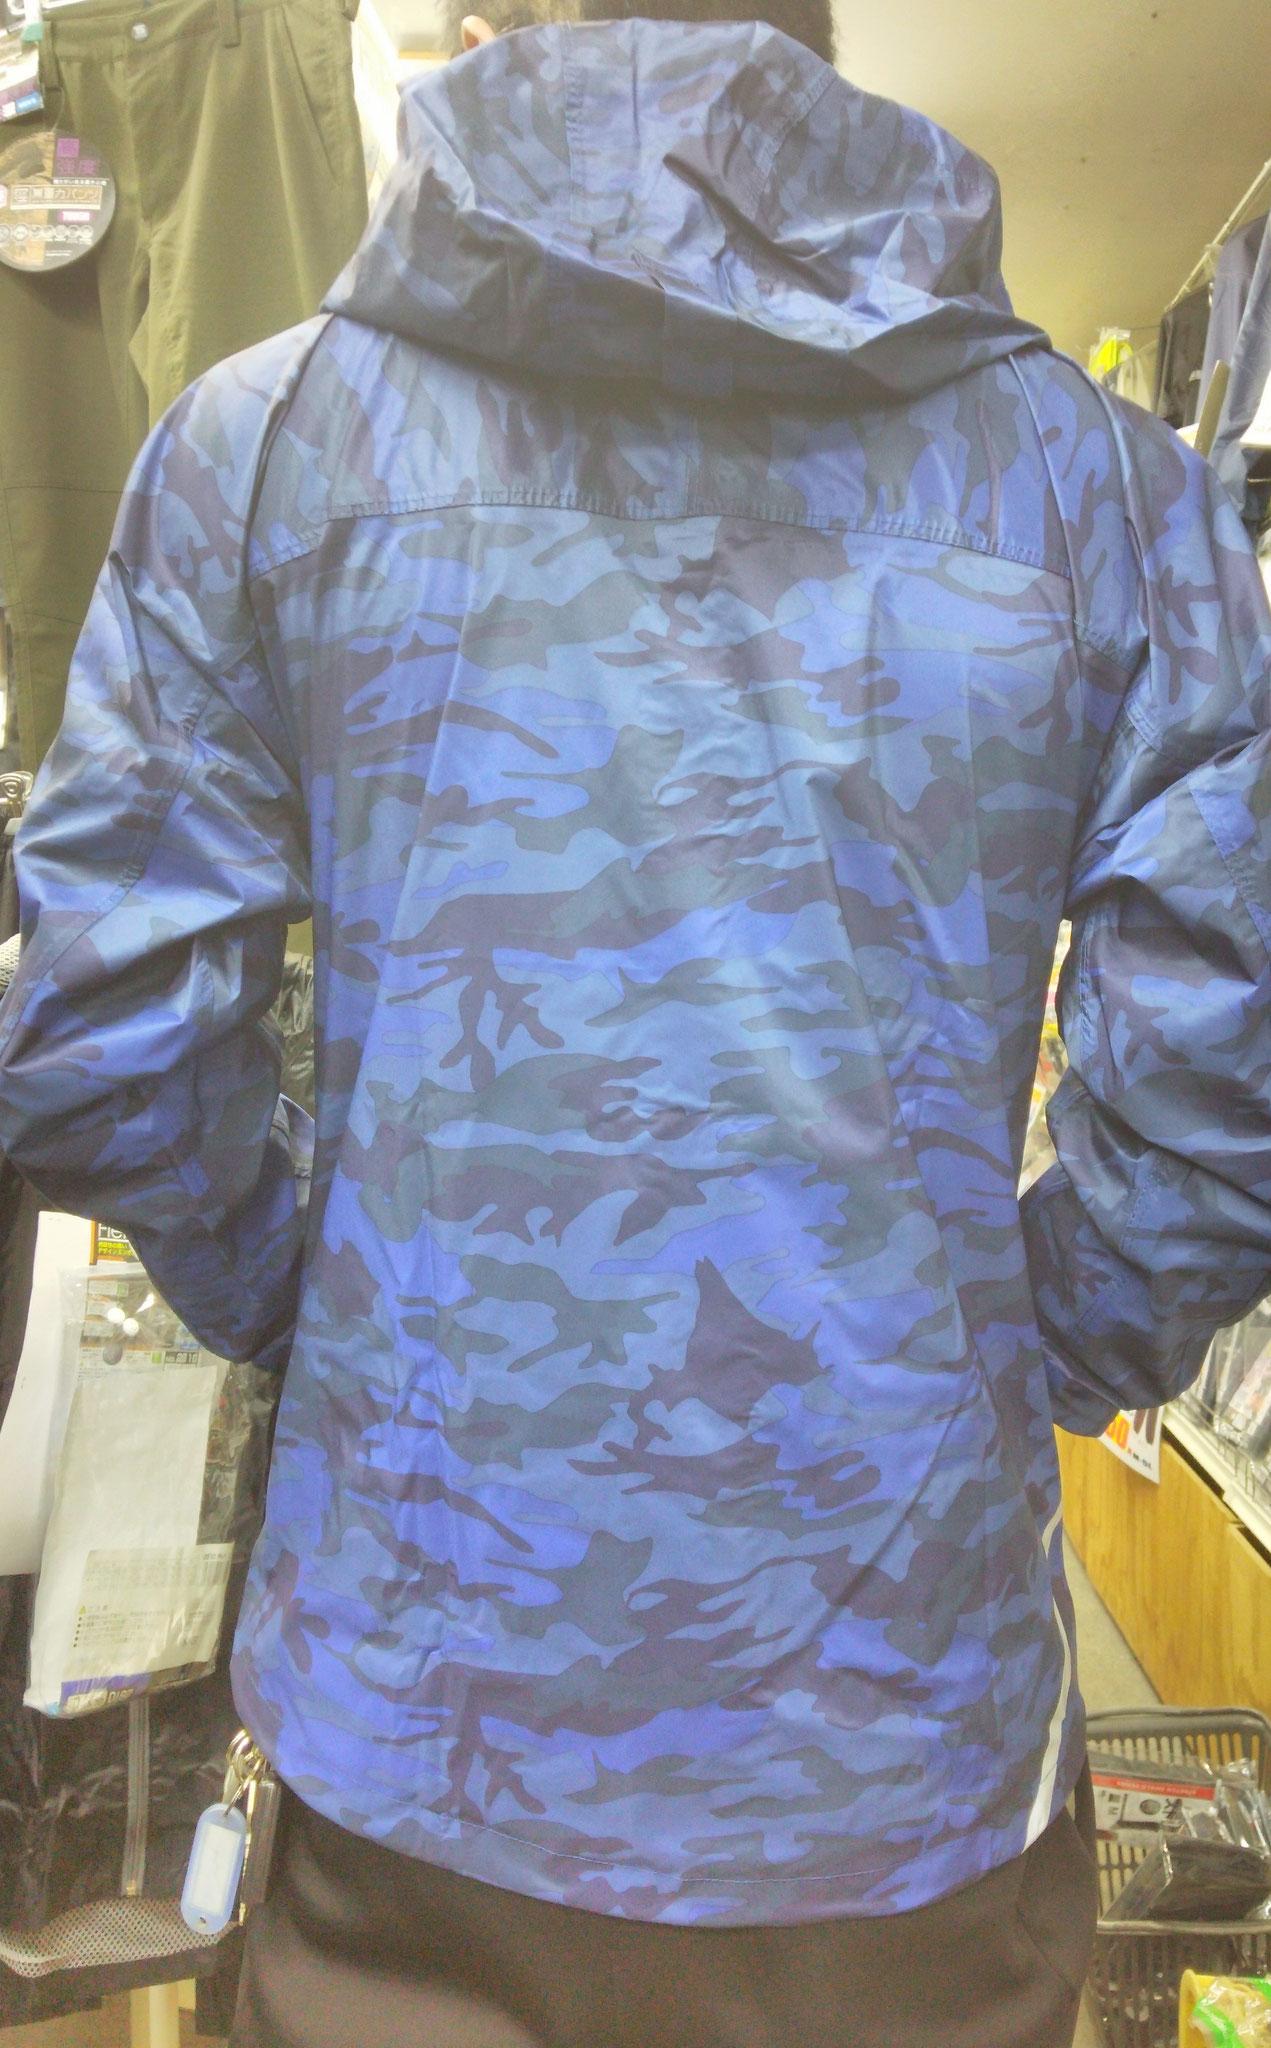 7570 ストレッチシールドジャケット ¥2,990(税込)=着てみました=薄くて、ムレそうにないです。